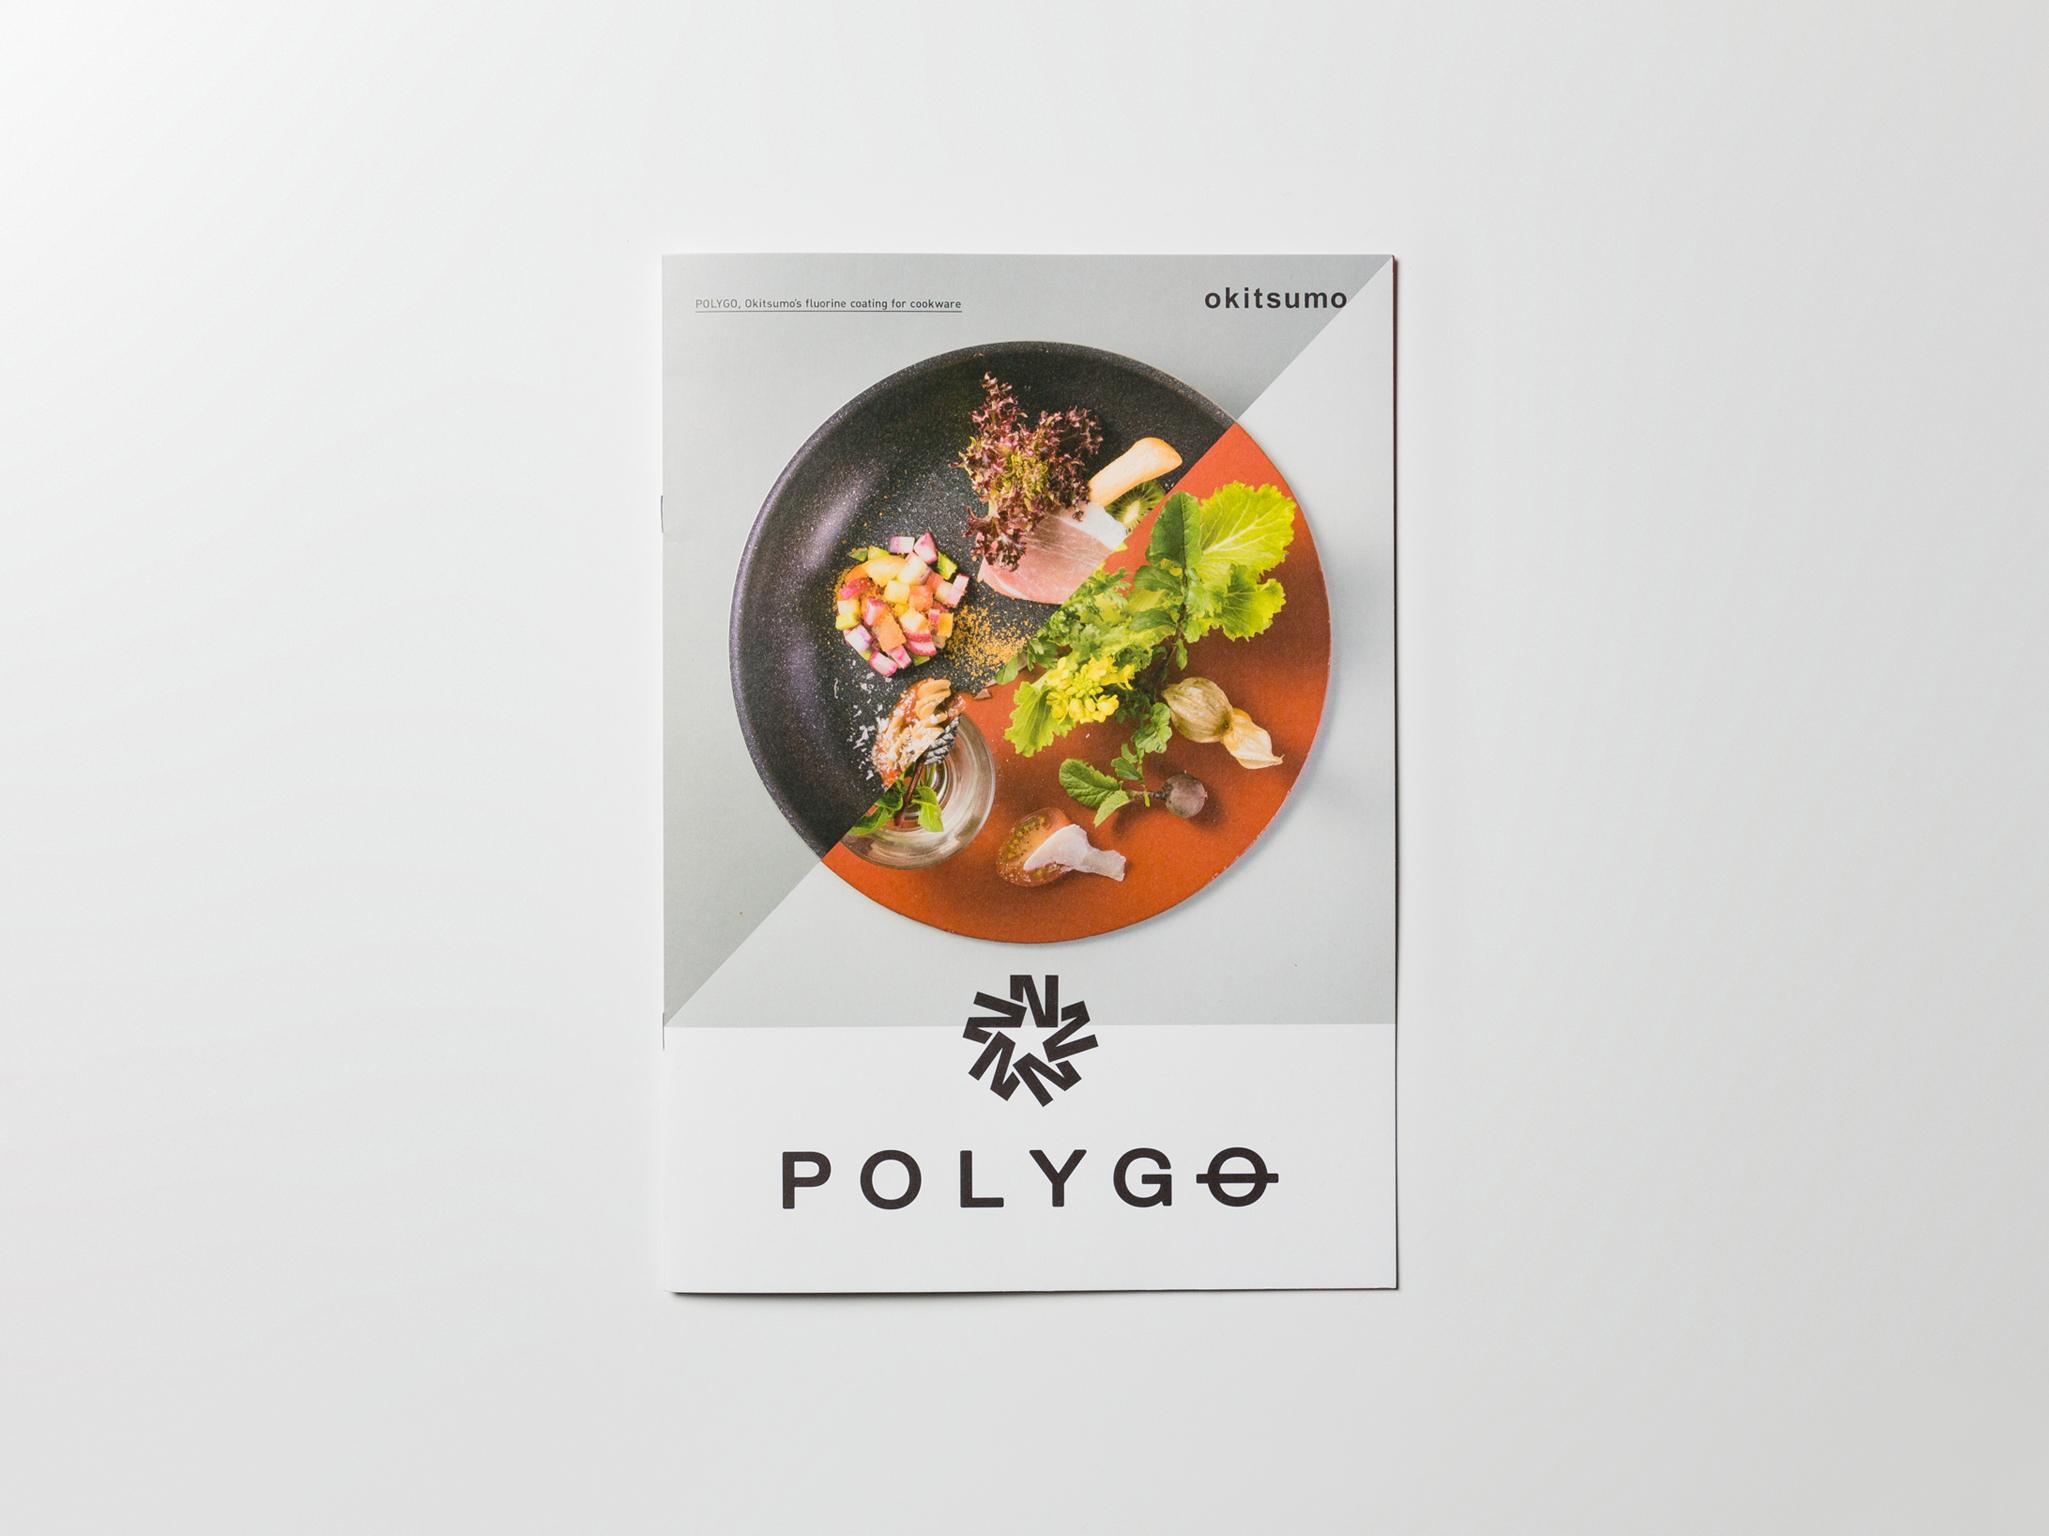 名古屋 ブランディング okitsumo POLYGO 株式会社オキツモ フライパン